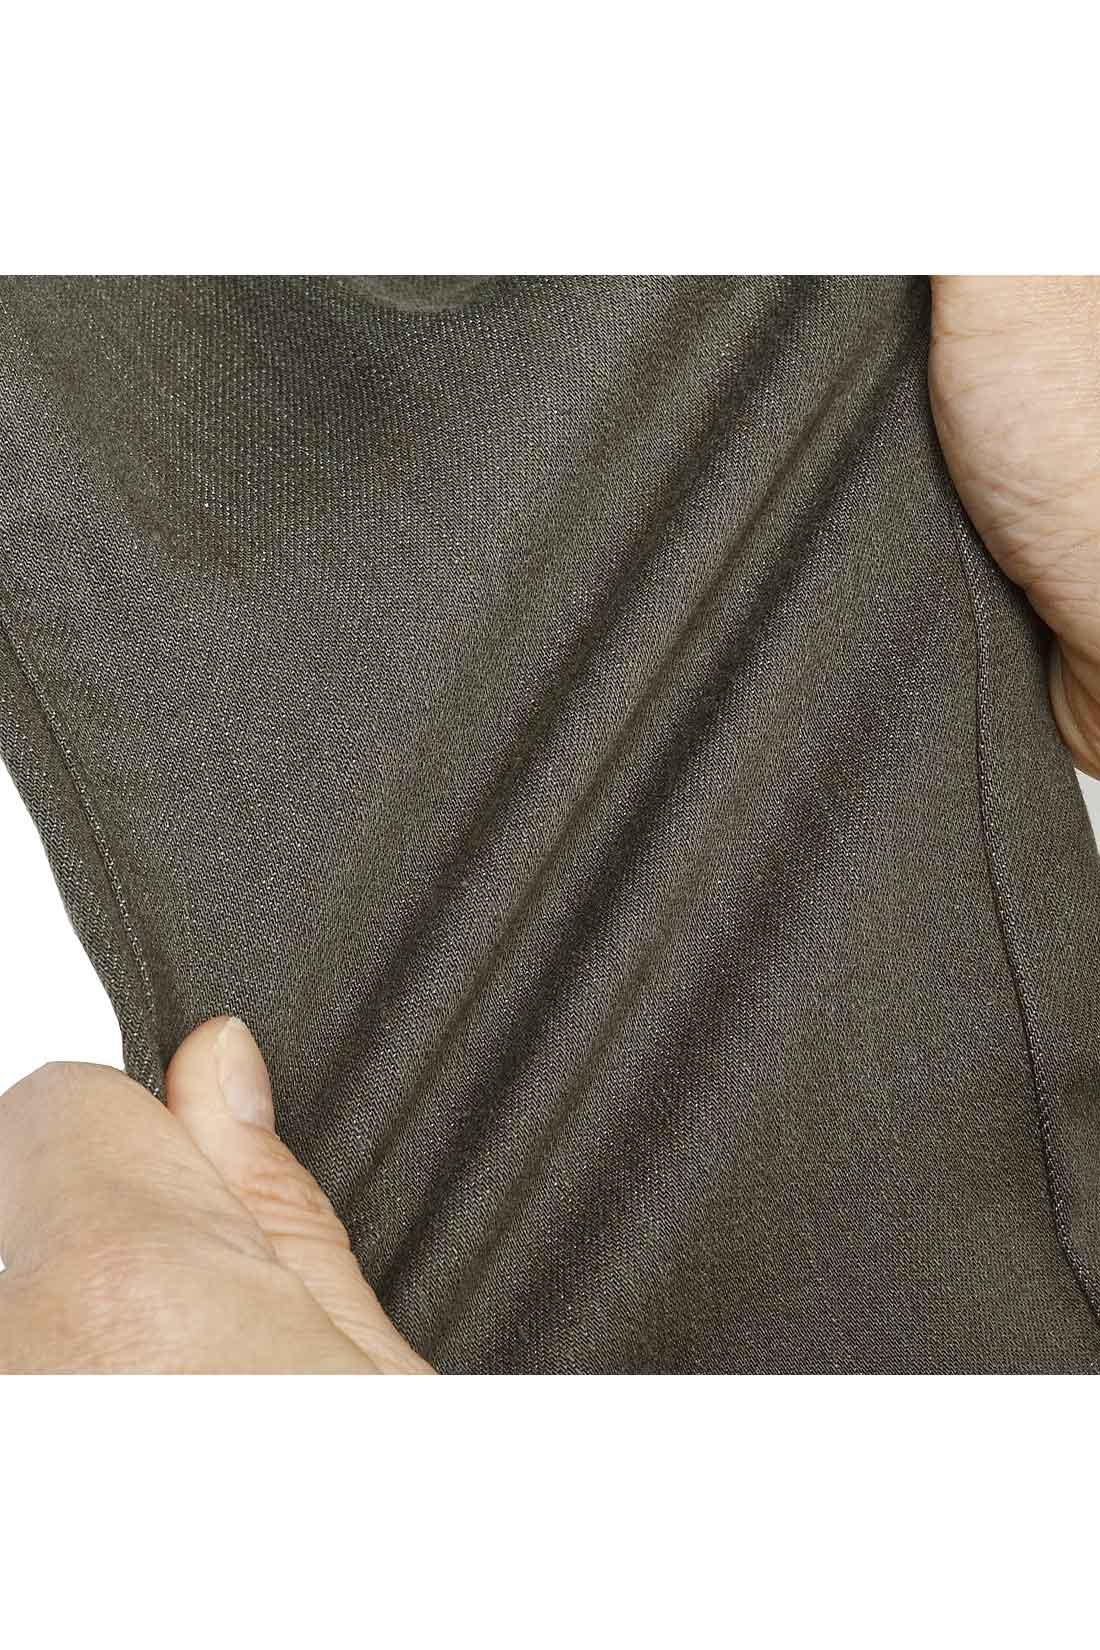 ほどよく細身のシルエットながら、ぐ~んと伸びるストレッチ素材で、どんな動きもノンストレス。